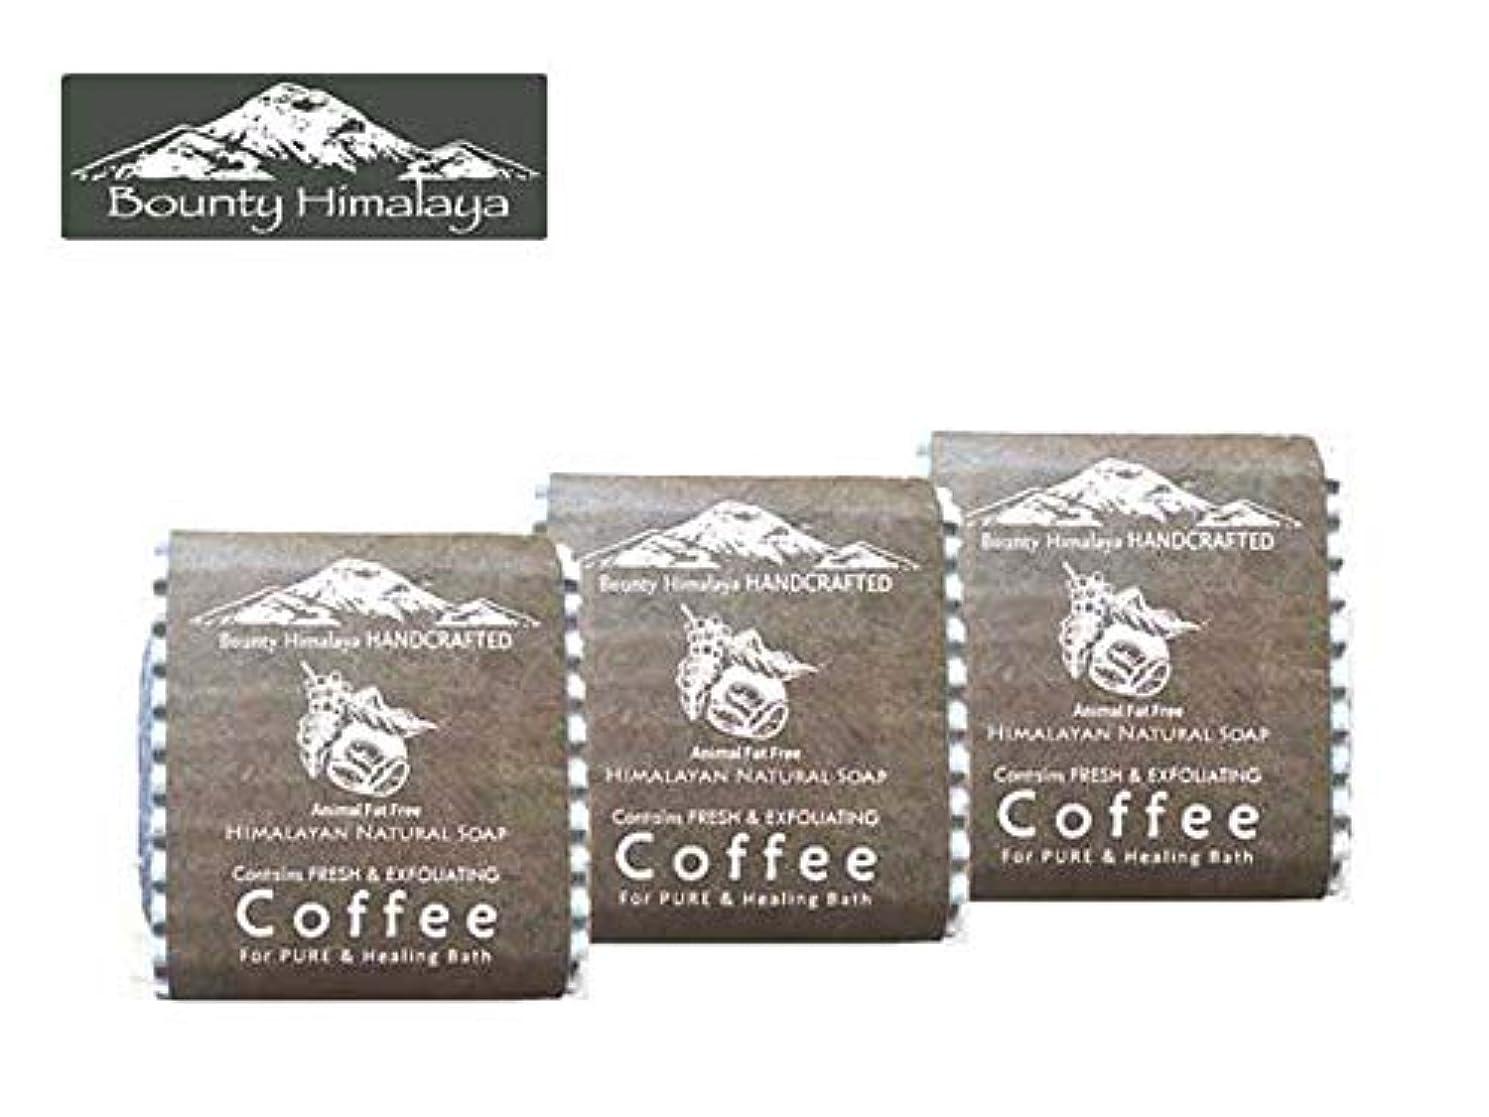 逃す写真を描く誠実アーユルヴェーダ ヒマラヤ コーヒー ソープ3セット Bounty Himalaya Coffee SOAP(NEPAL AYURVEDA) 100g